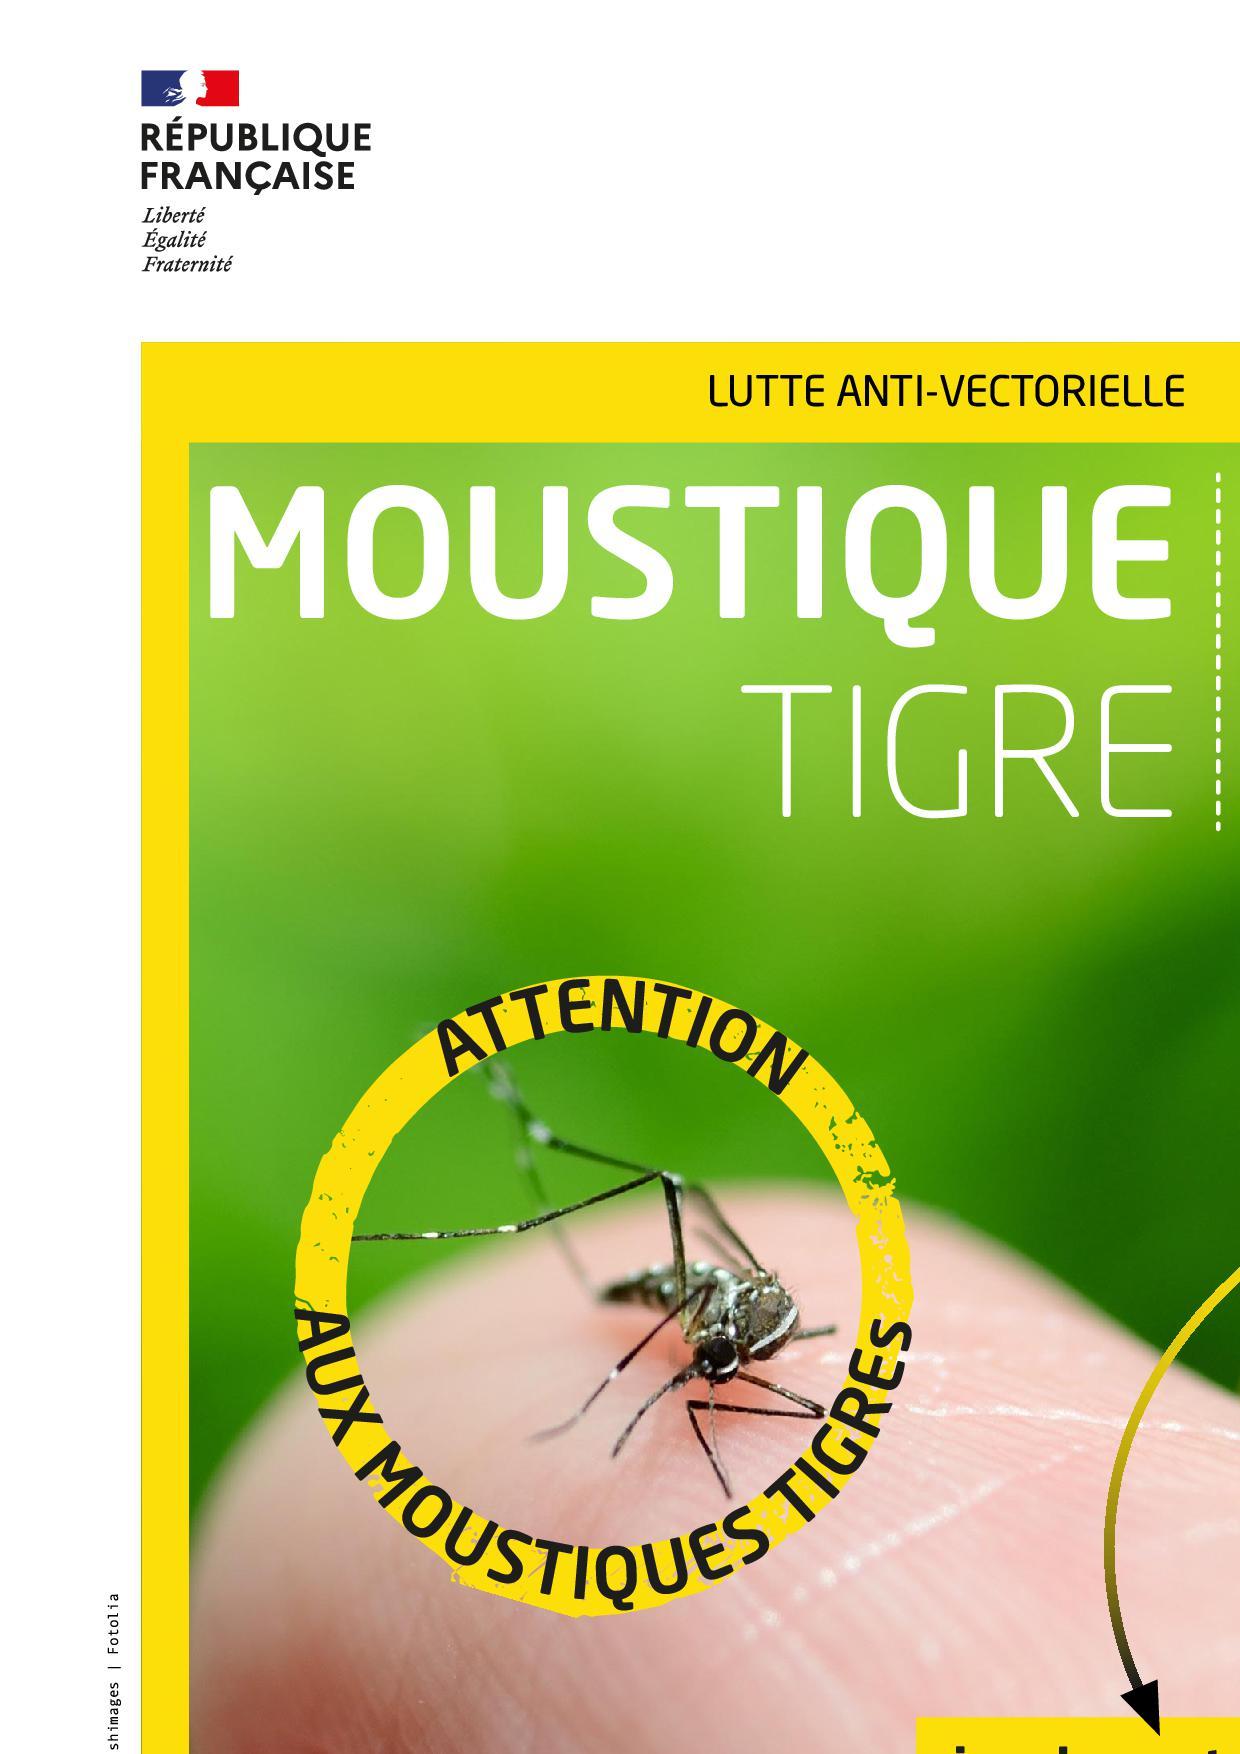 MoustiqueTigre_Signalement.jpg